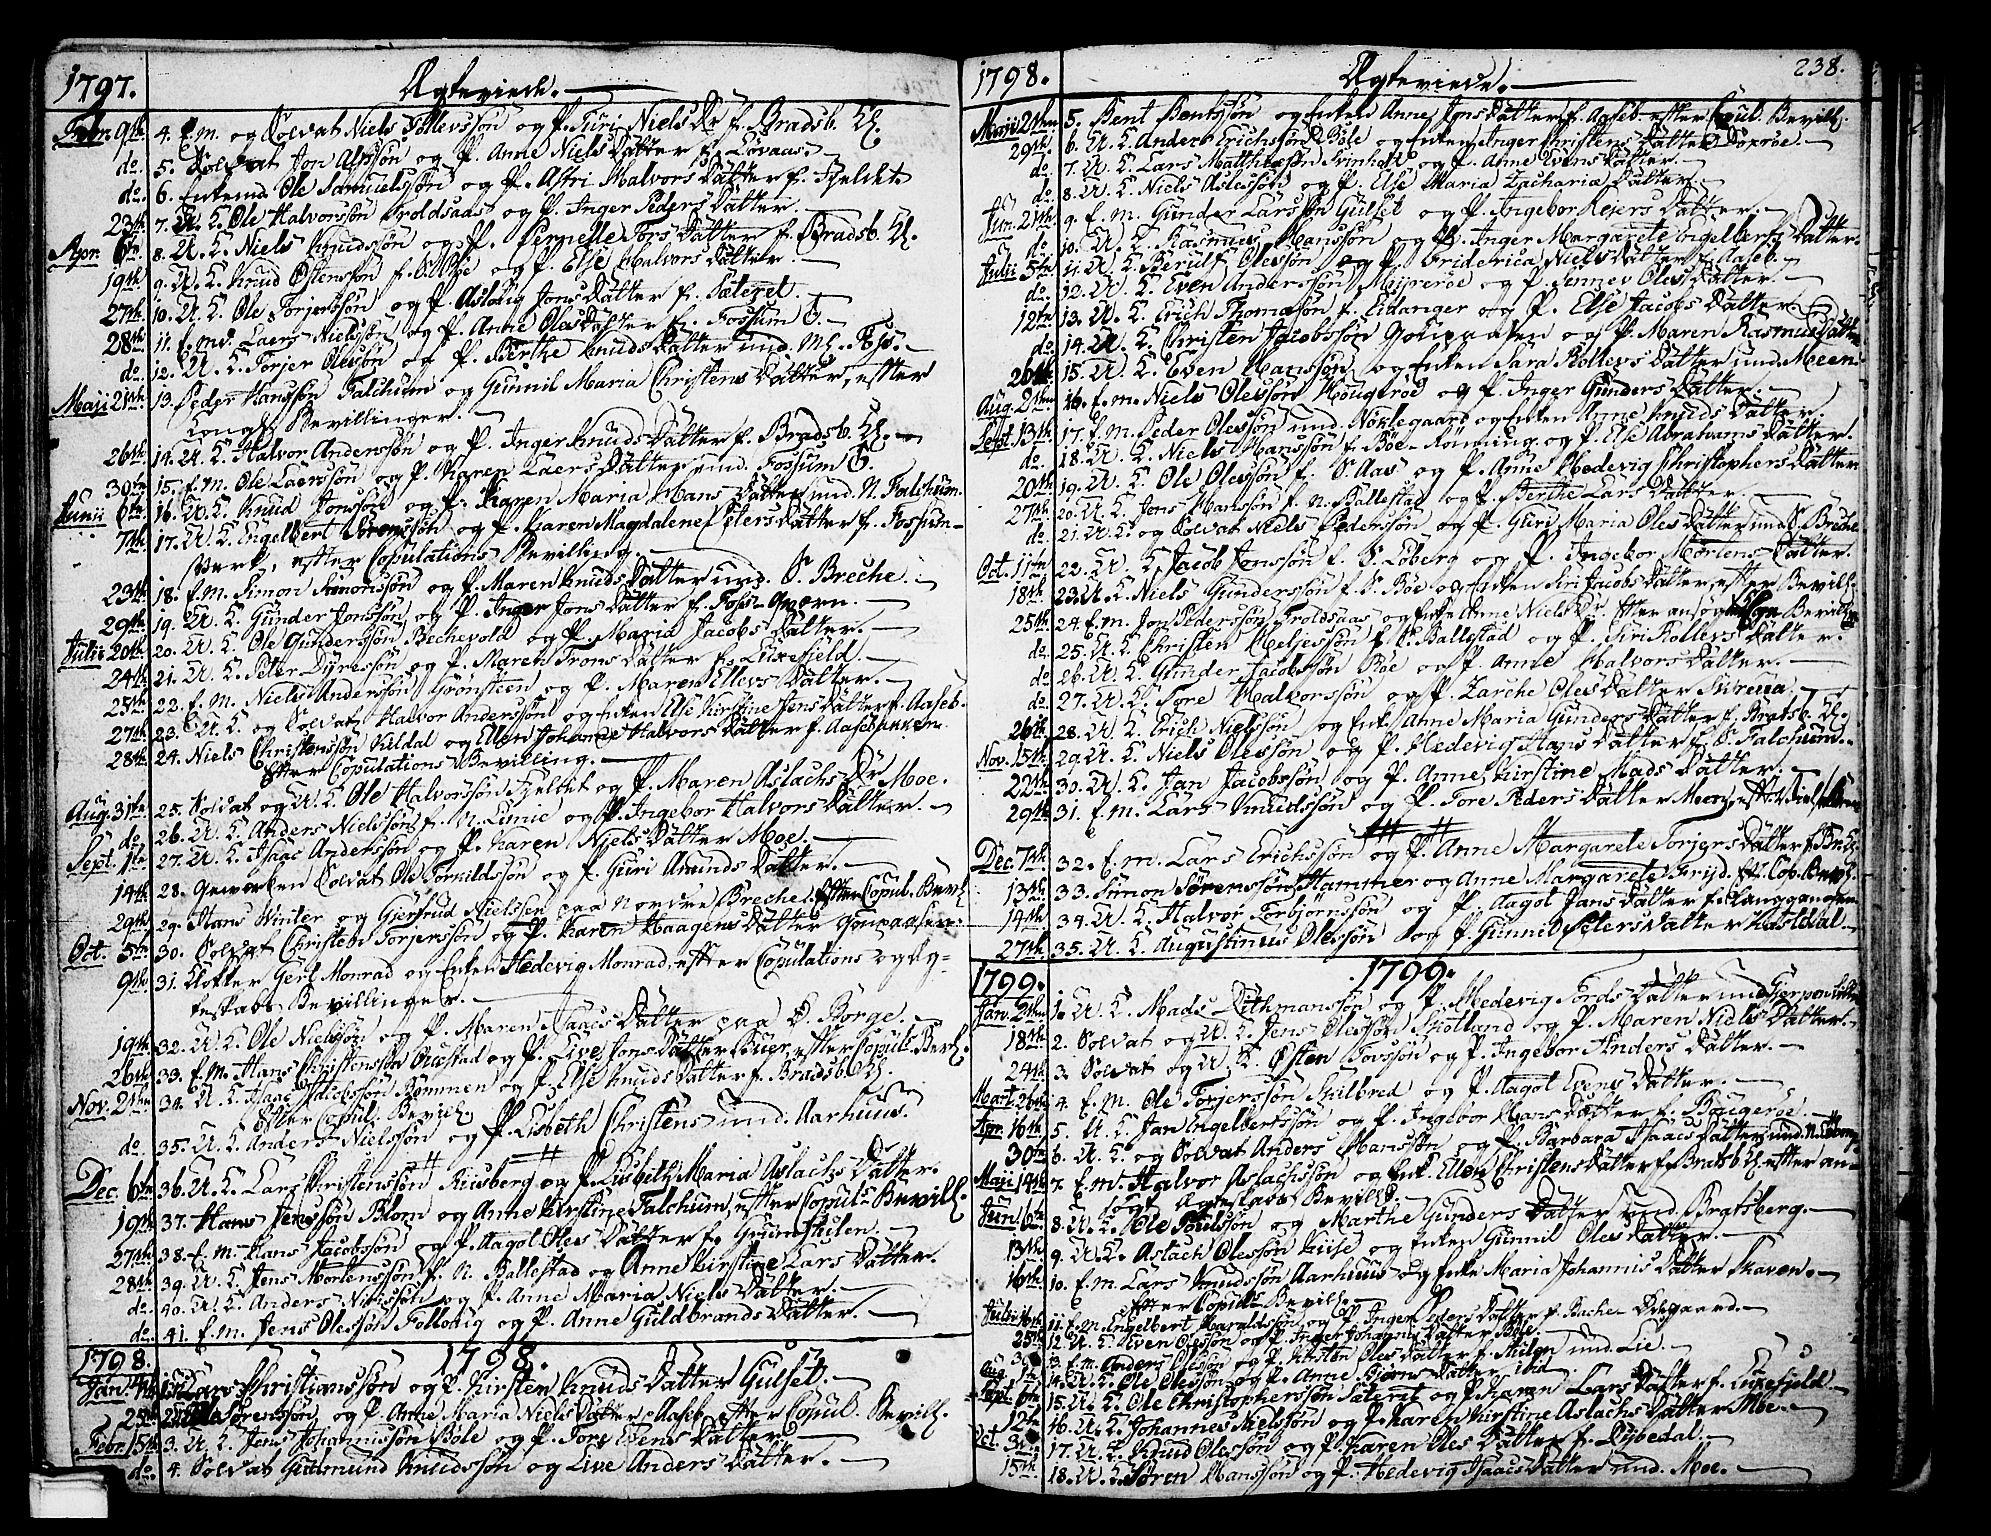 SAKO, Gjerpen kirkebøker, F/Fa/L0003: Ministerialbok nr. 3, 1796-1814, s. 238